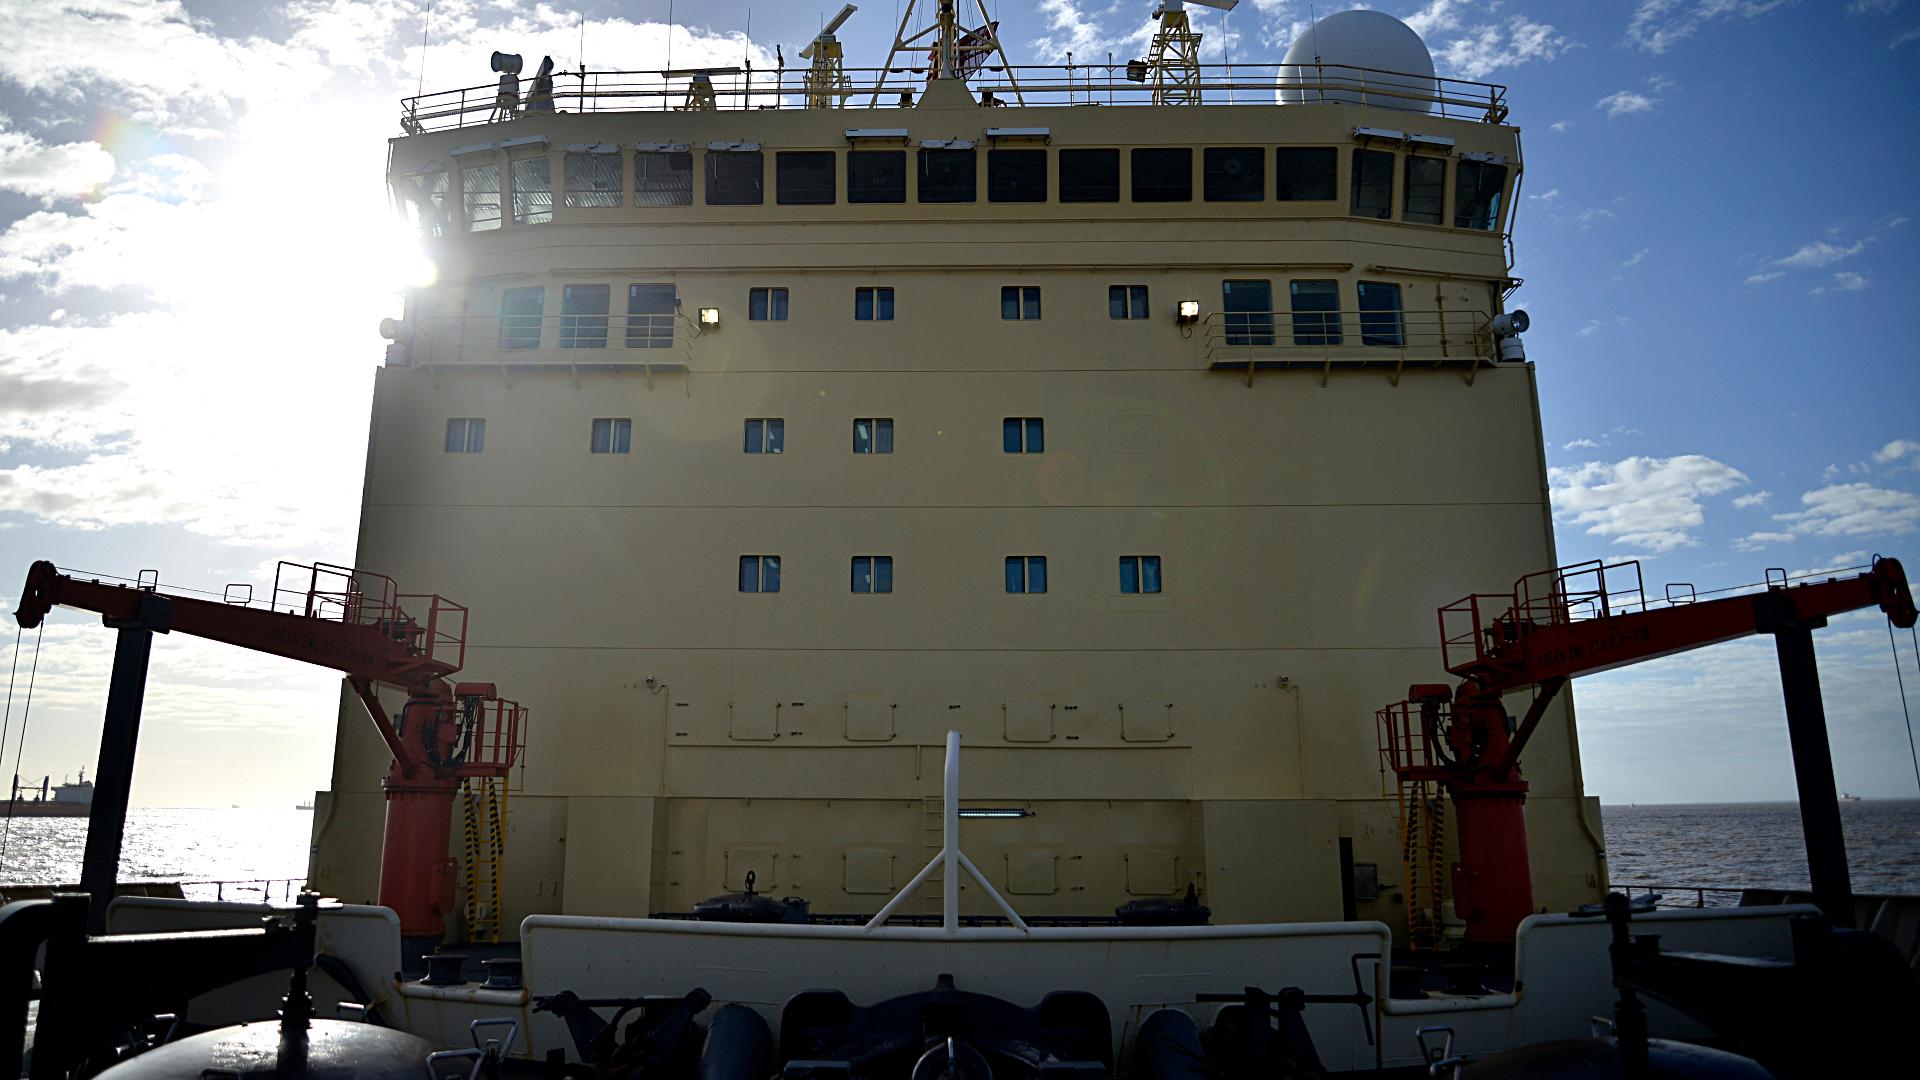 Vista del casillaje del Rompehielos ARA Almirante Irízar